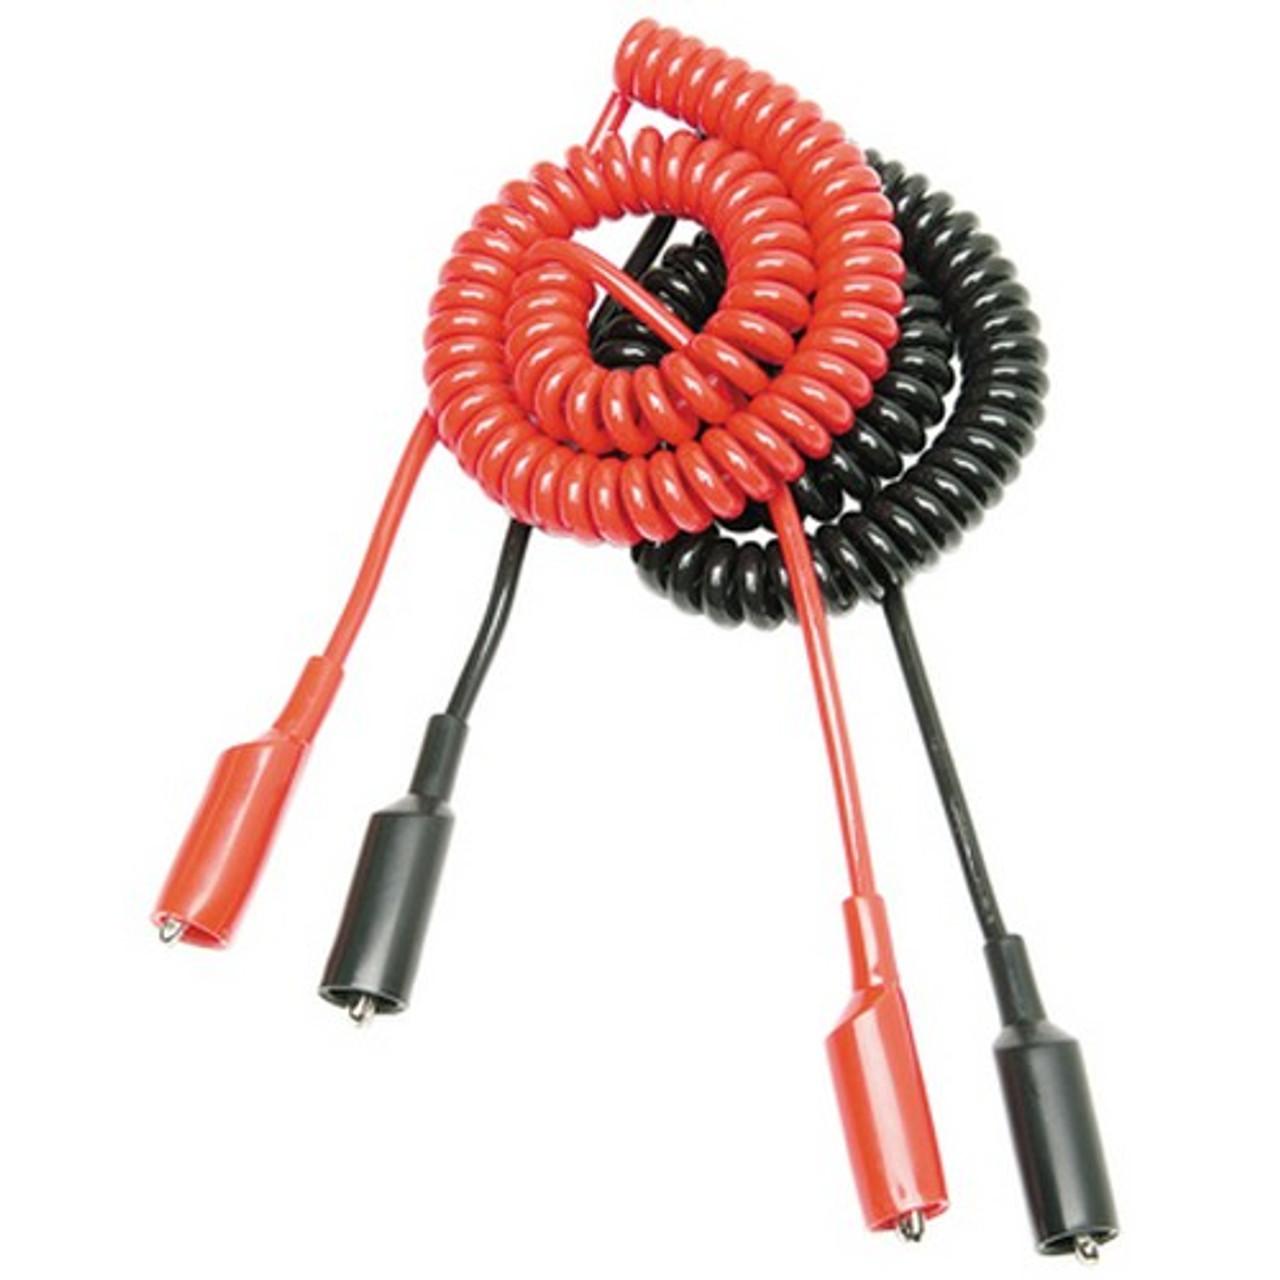 OTC 3904 Twin 5-Foot Multimeter Lead Set